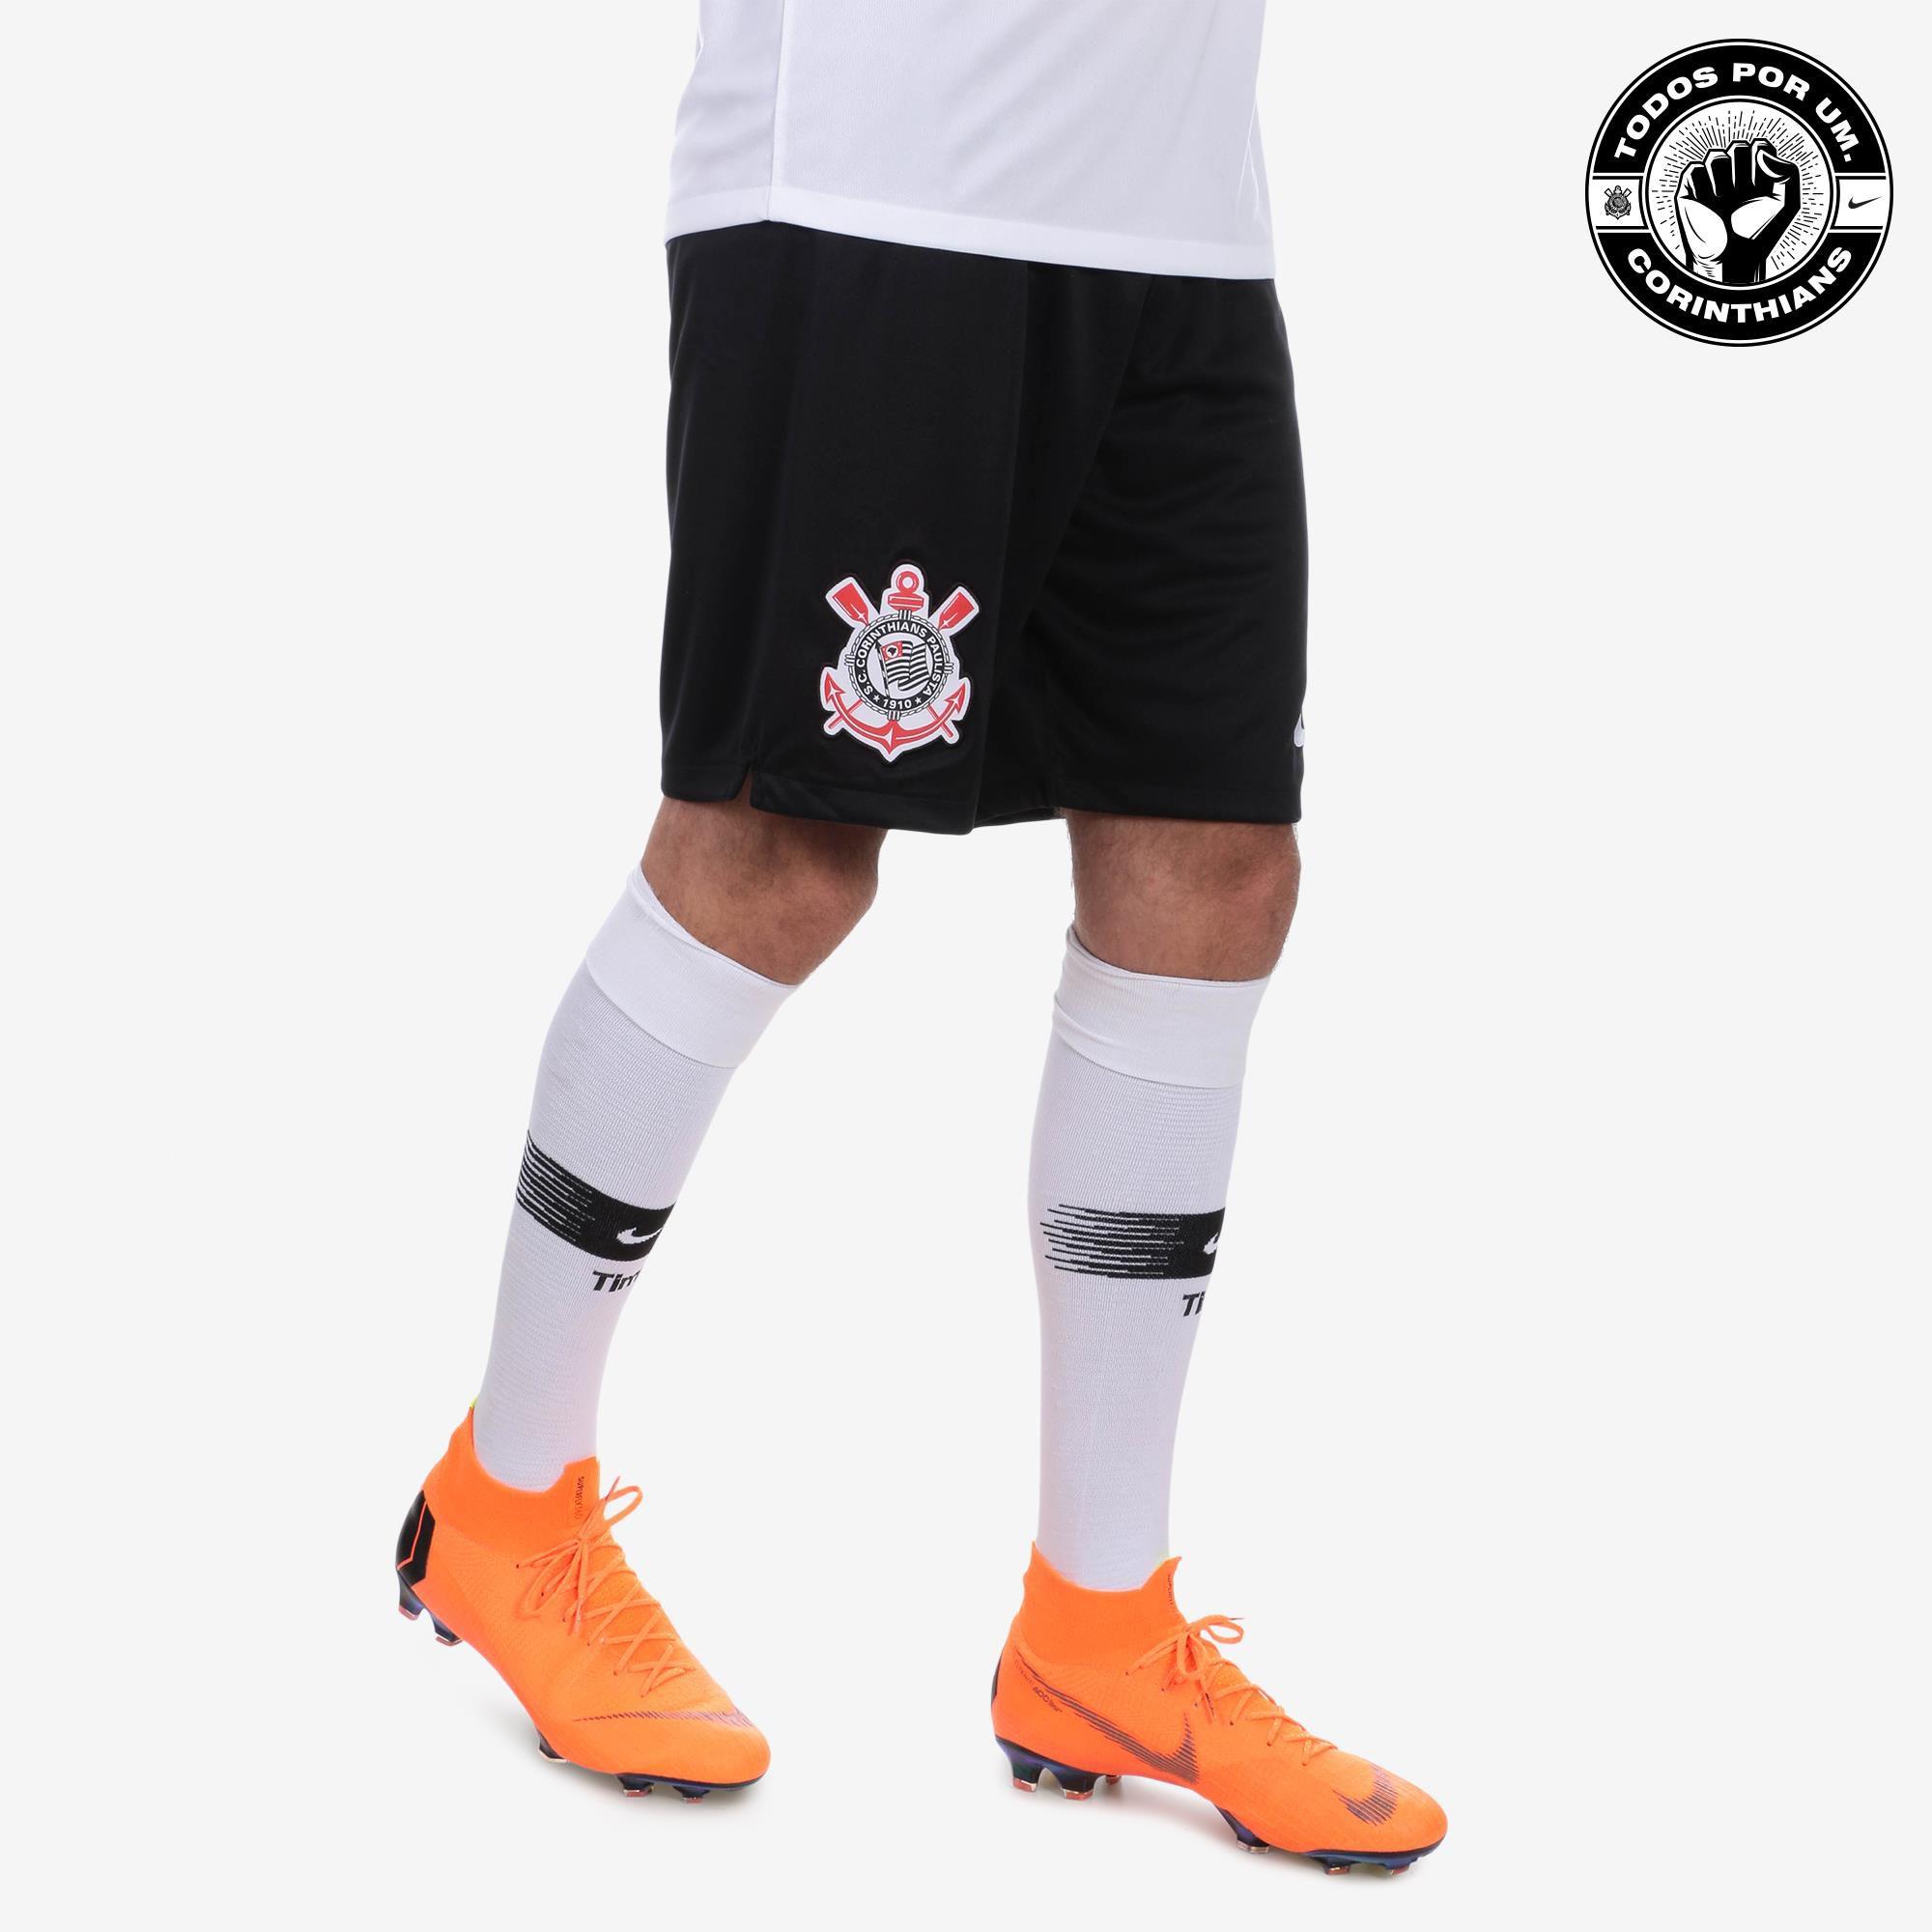 Calção Masculino Nike Sccp Stad Corinthians - BRACIA SHOP  Loja de ... d638b40fc2a8f